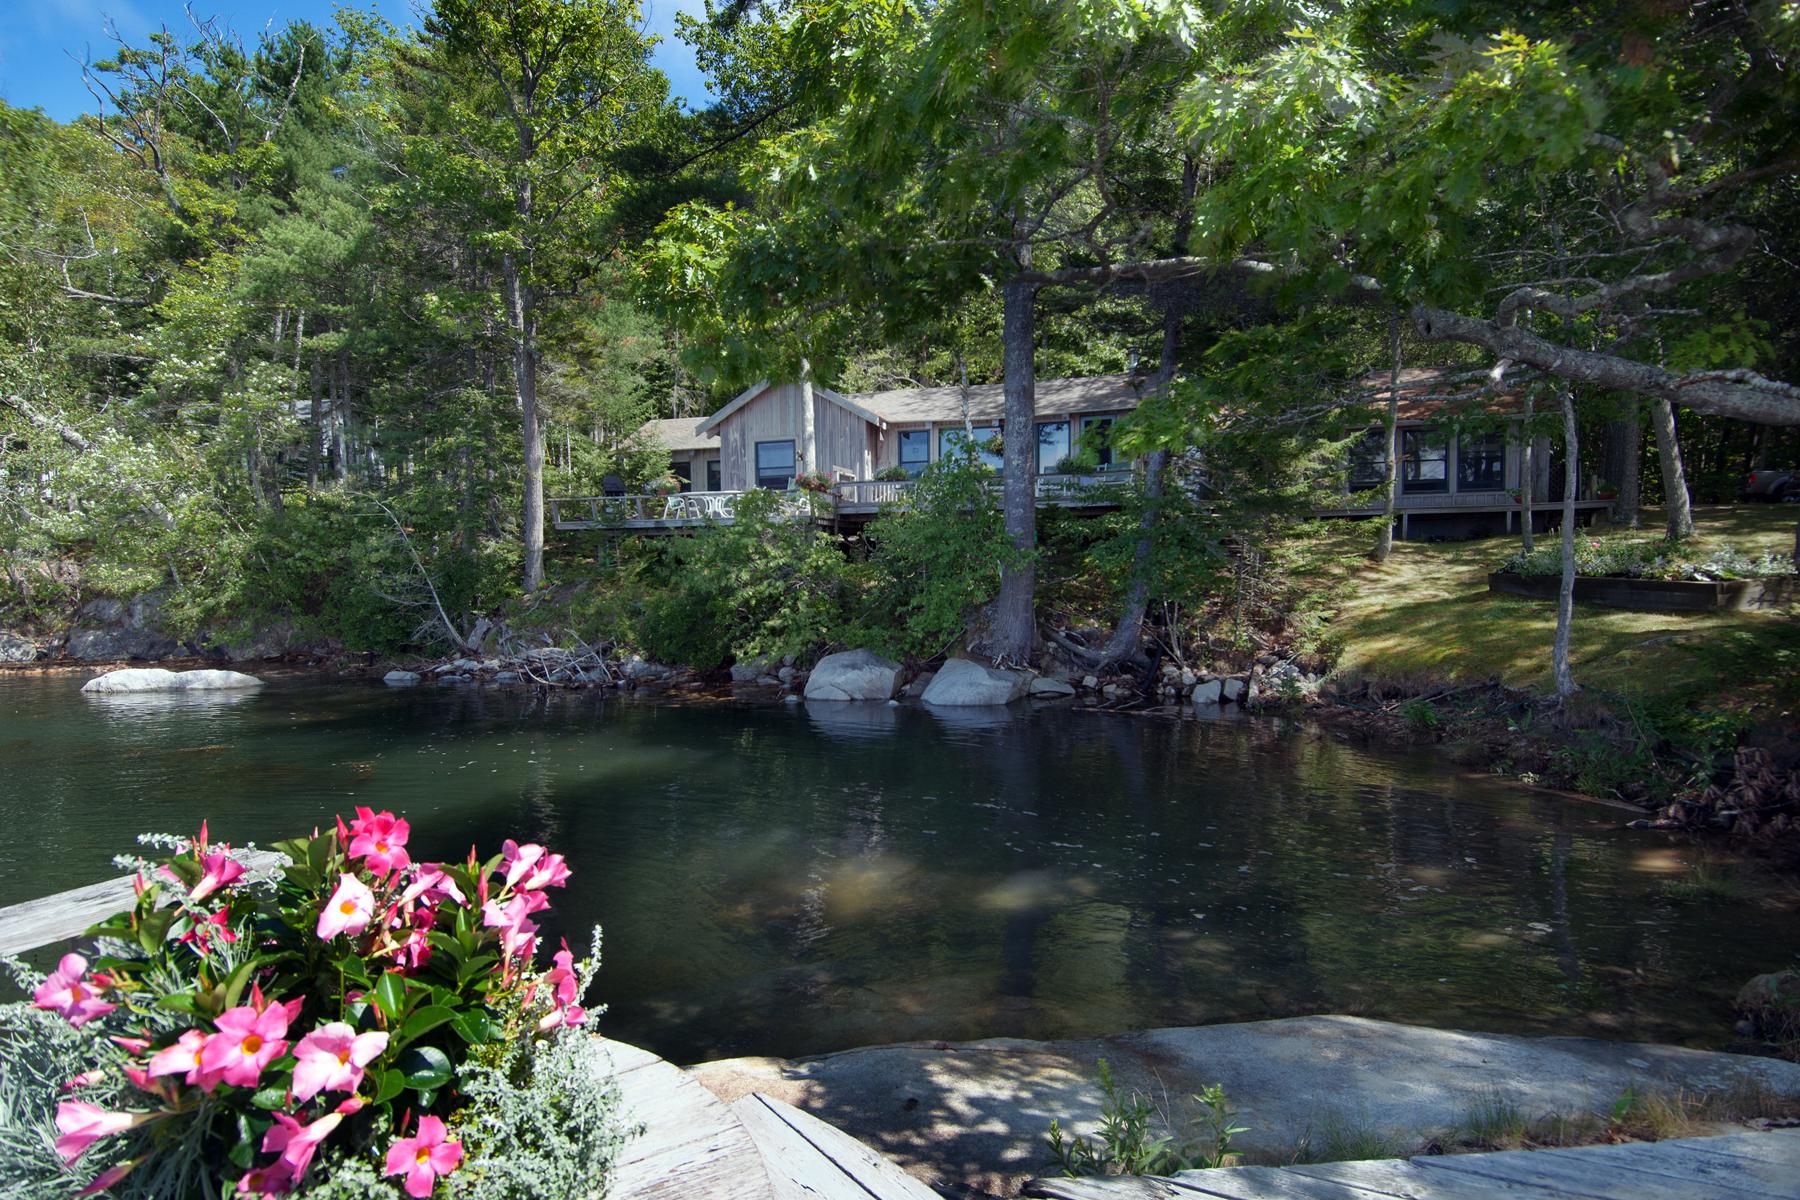 Maison unifamiliale pour l Vente à 29-37 Good Day Cottage 29-37 Good Day Drive South Bristol, Maine, 04573 États-Unis